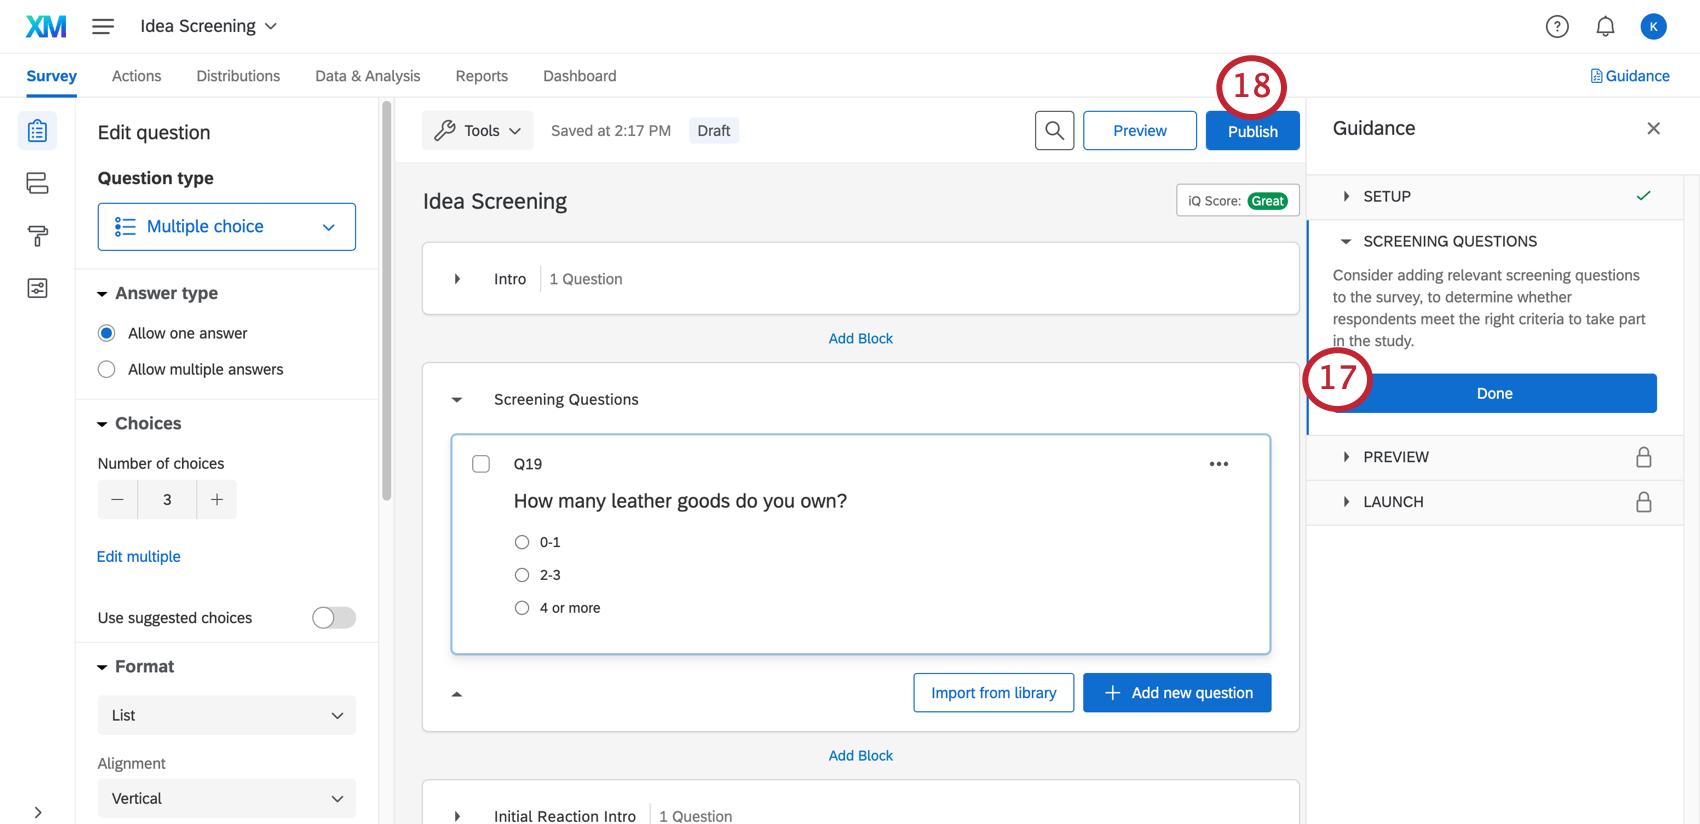 Publishing your survey